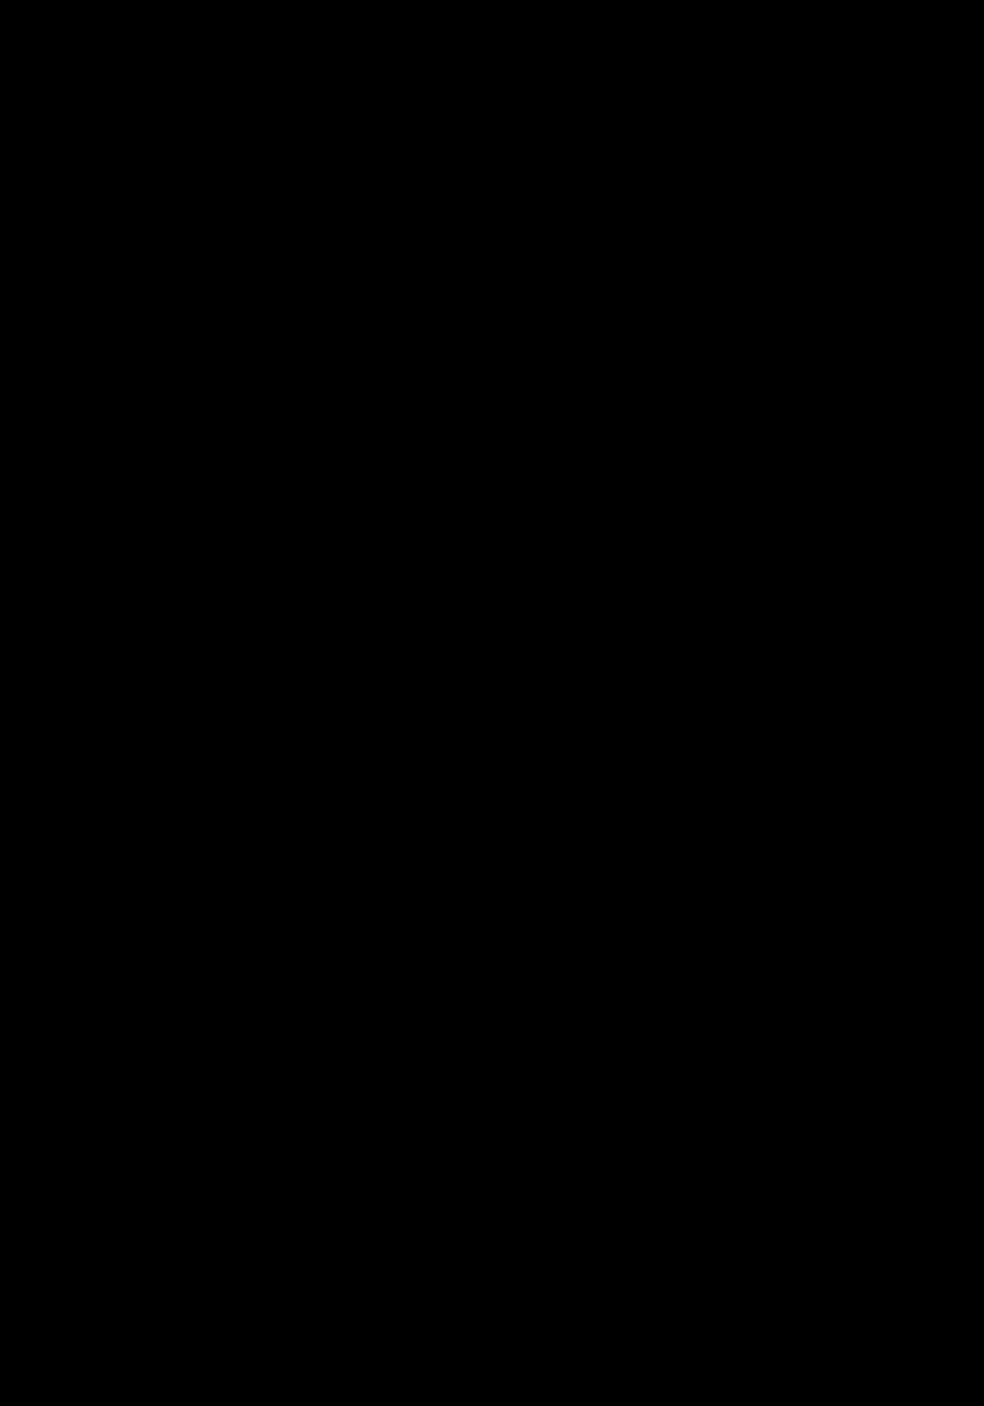 ロゴライン E ELL 縦組見本